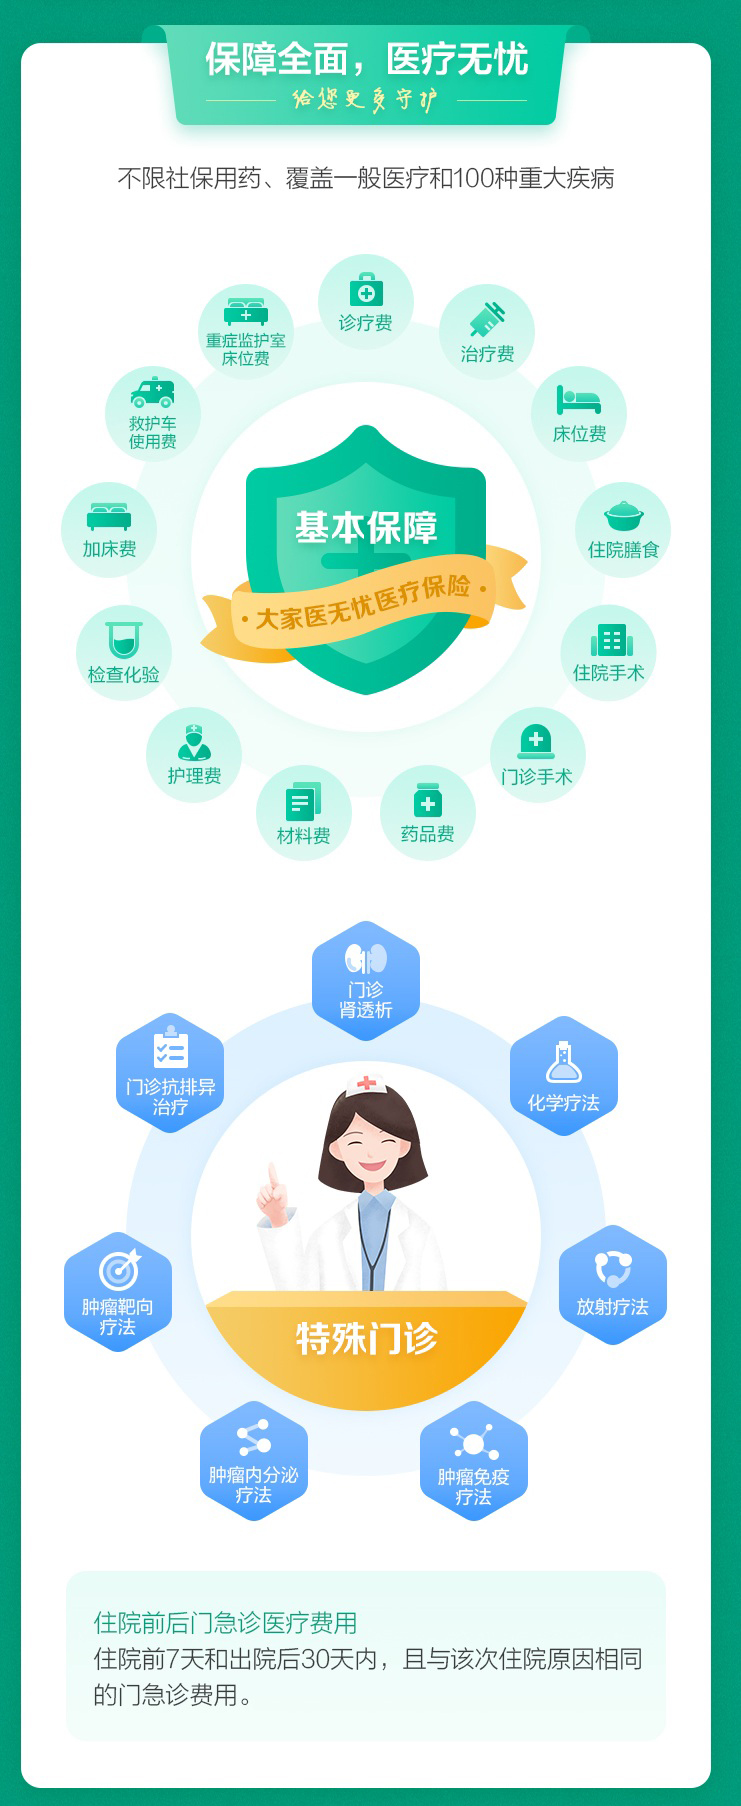 """大家人寿[大家医无忧医疗保险]荣获和讯网第17届财经风云榜""""年度创新力"""